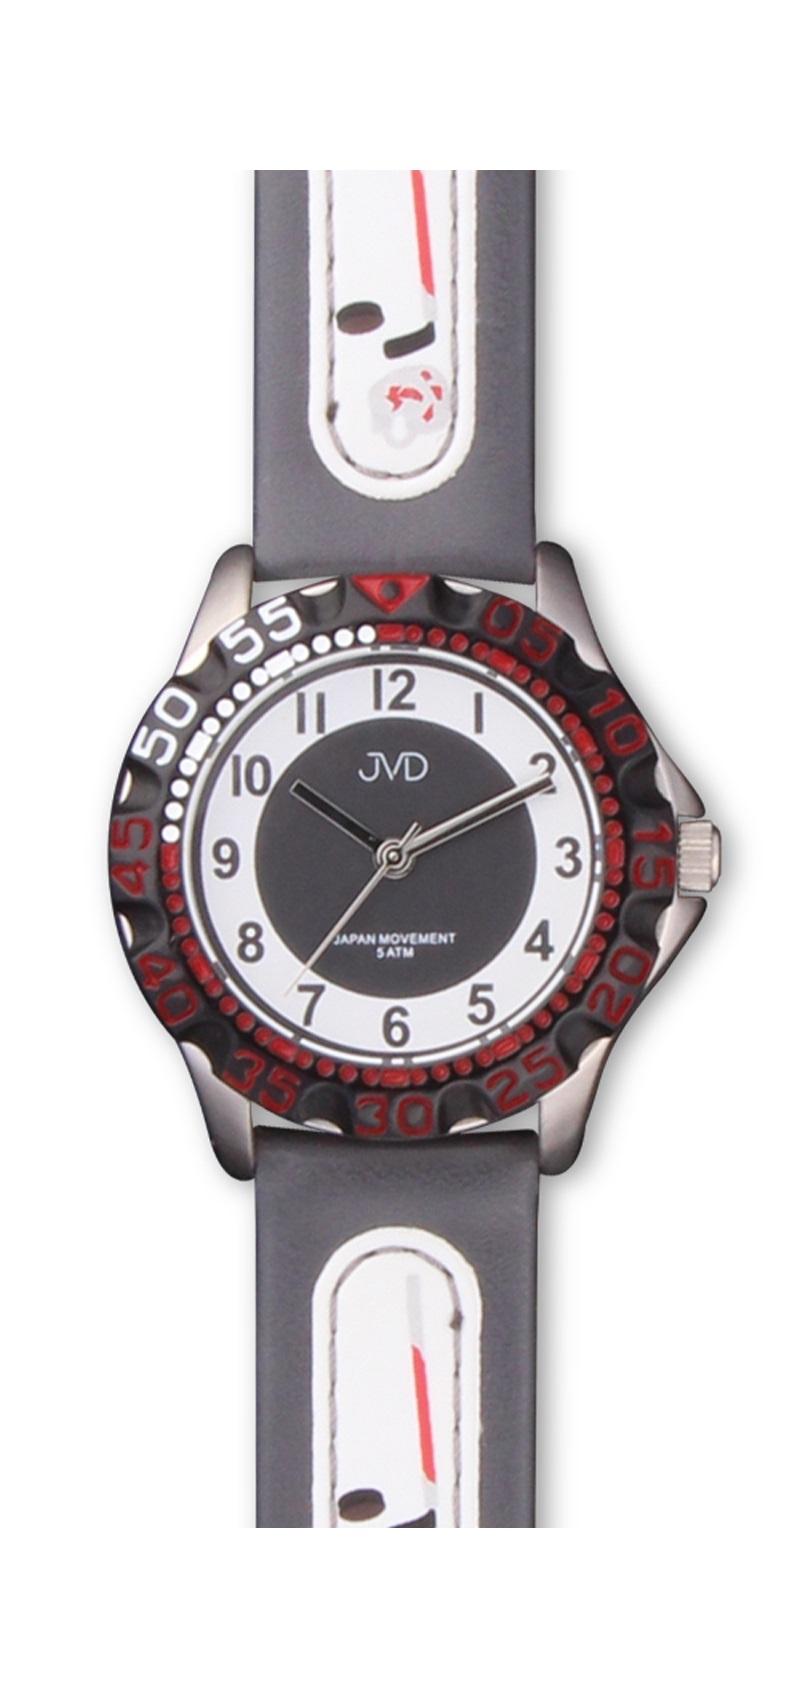 Hokejové chlapecké sportovní hodinky JVD J7078.3 pro hokejisty - 5ATM (pro malé hokejisty)